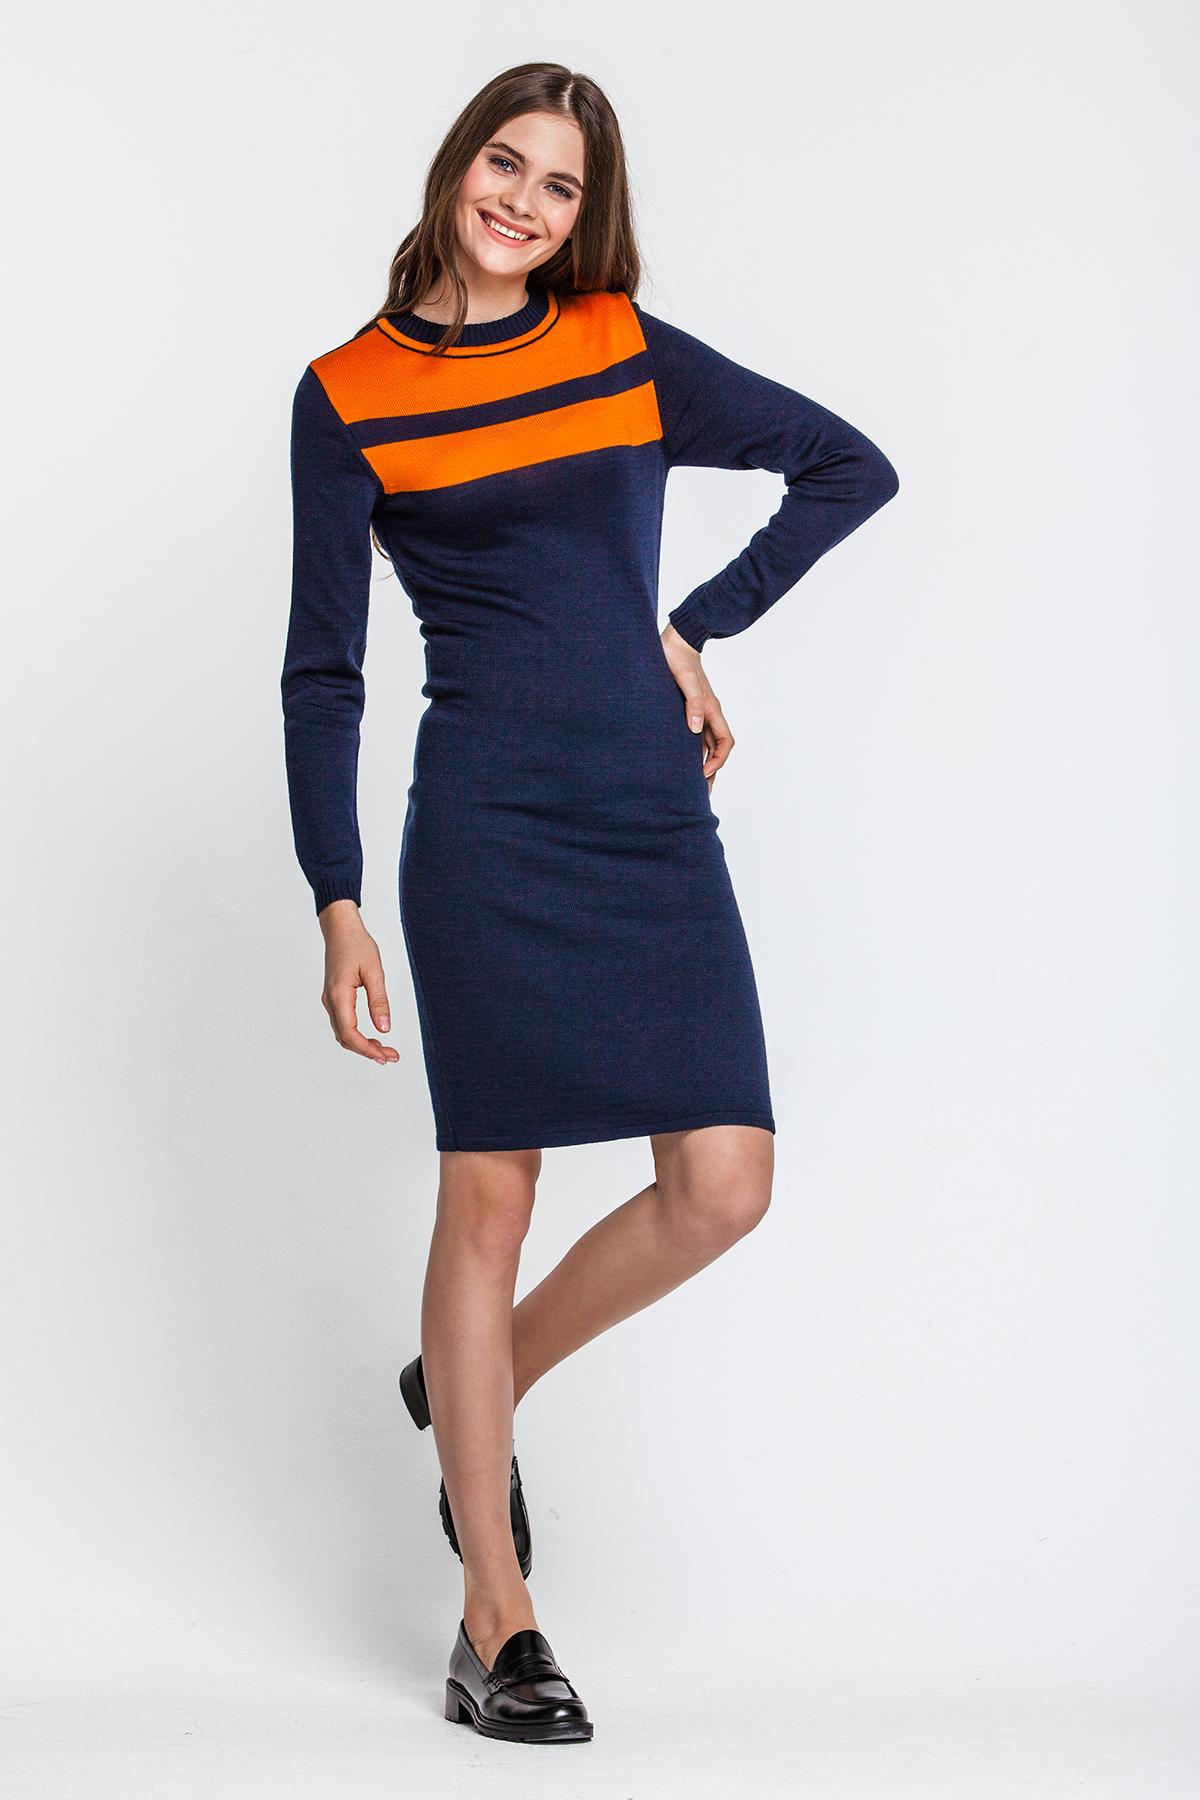 Strickkleid, dunkelblau mit orangen Streifen